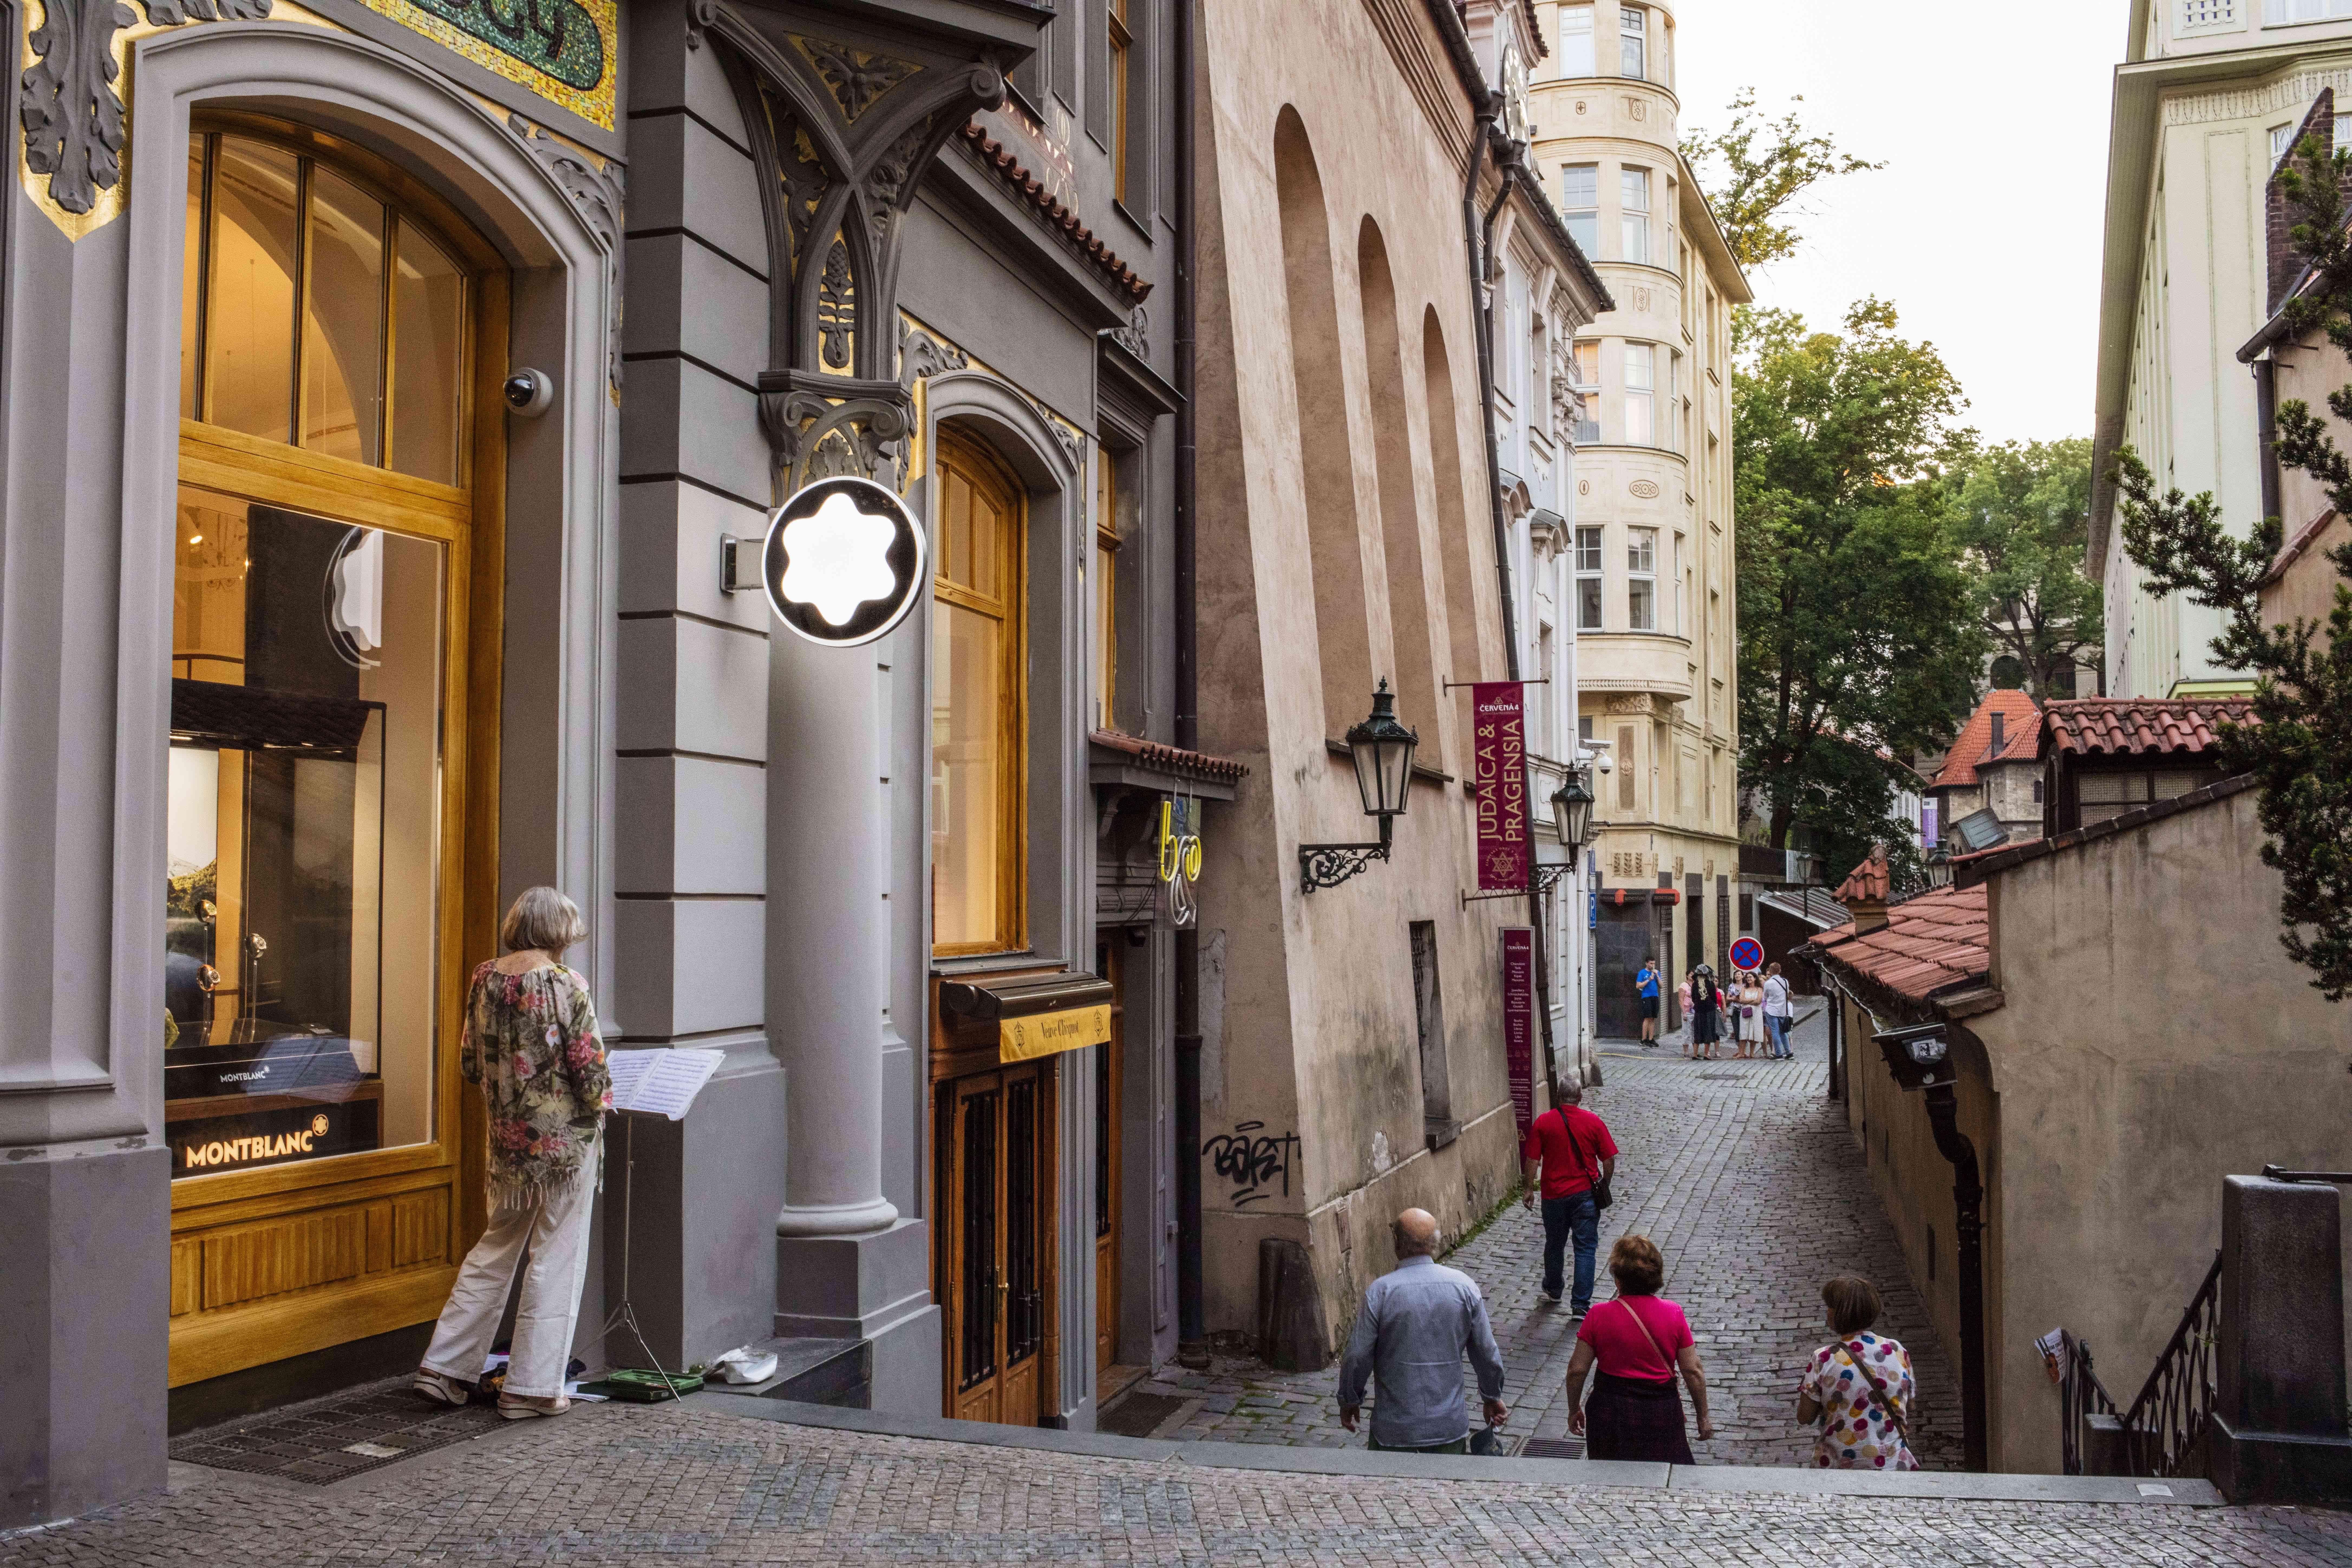 People walking through the Jewish Quarter